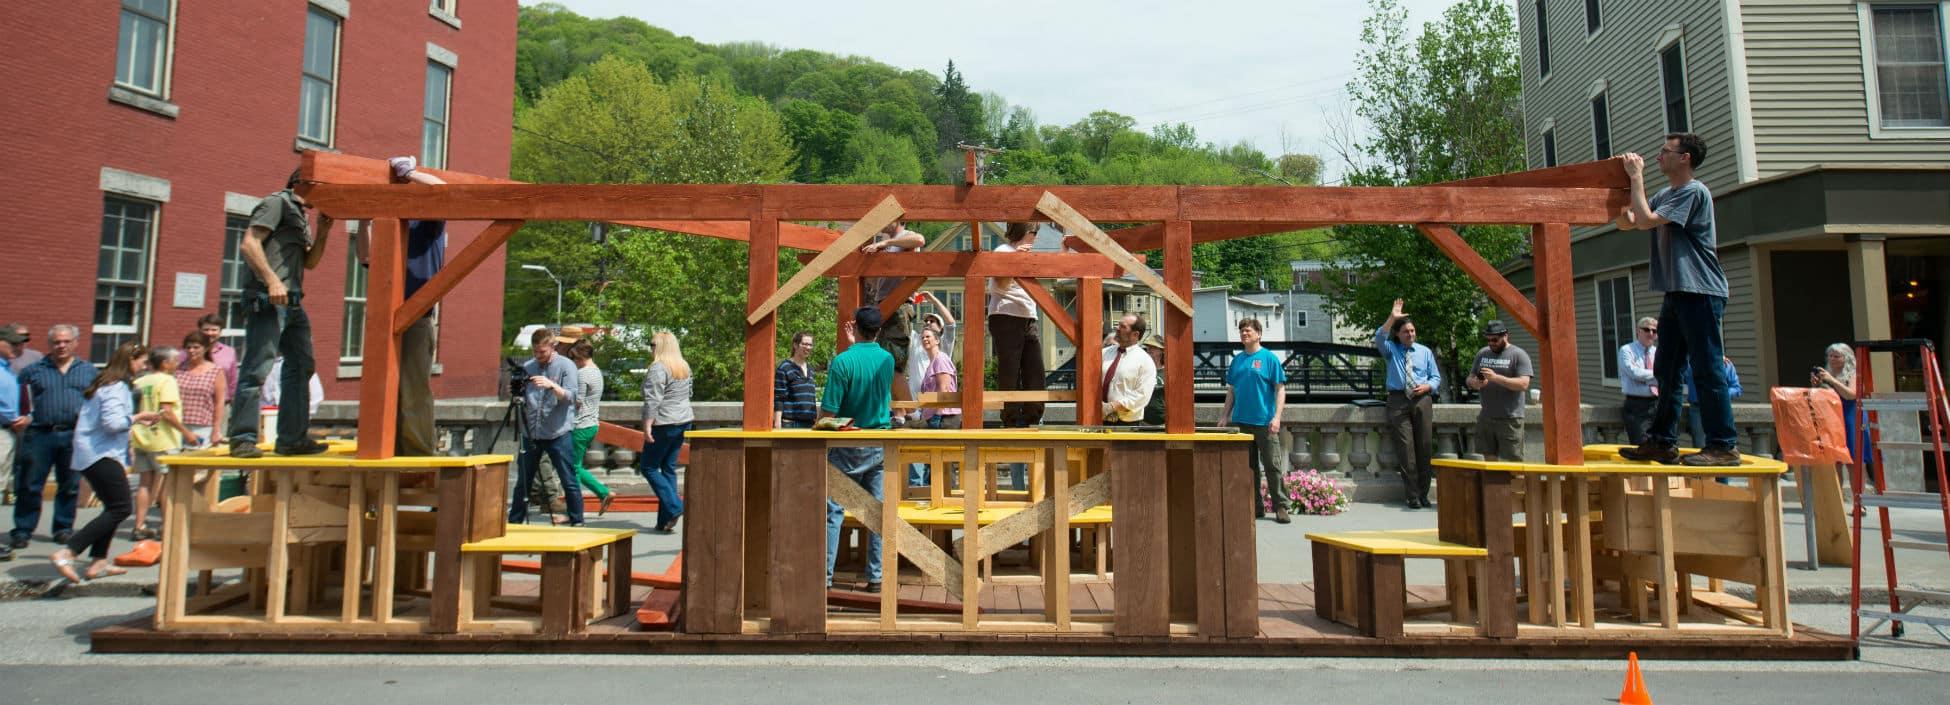 Building parklet in Montpelier, teamwork